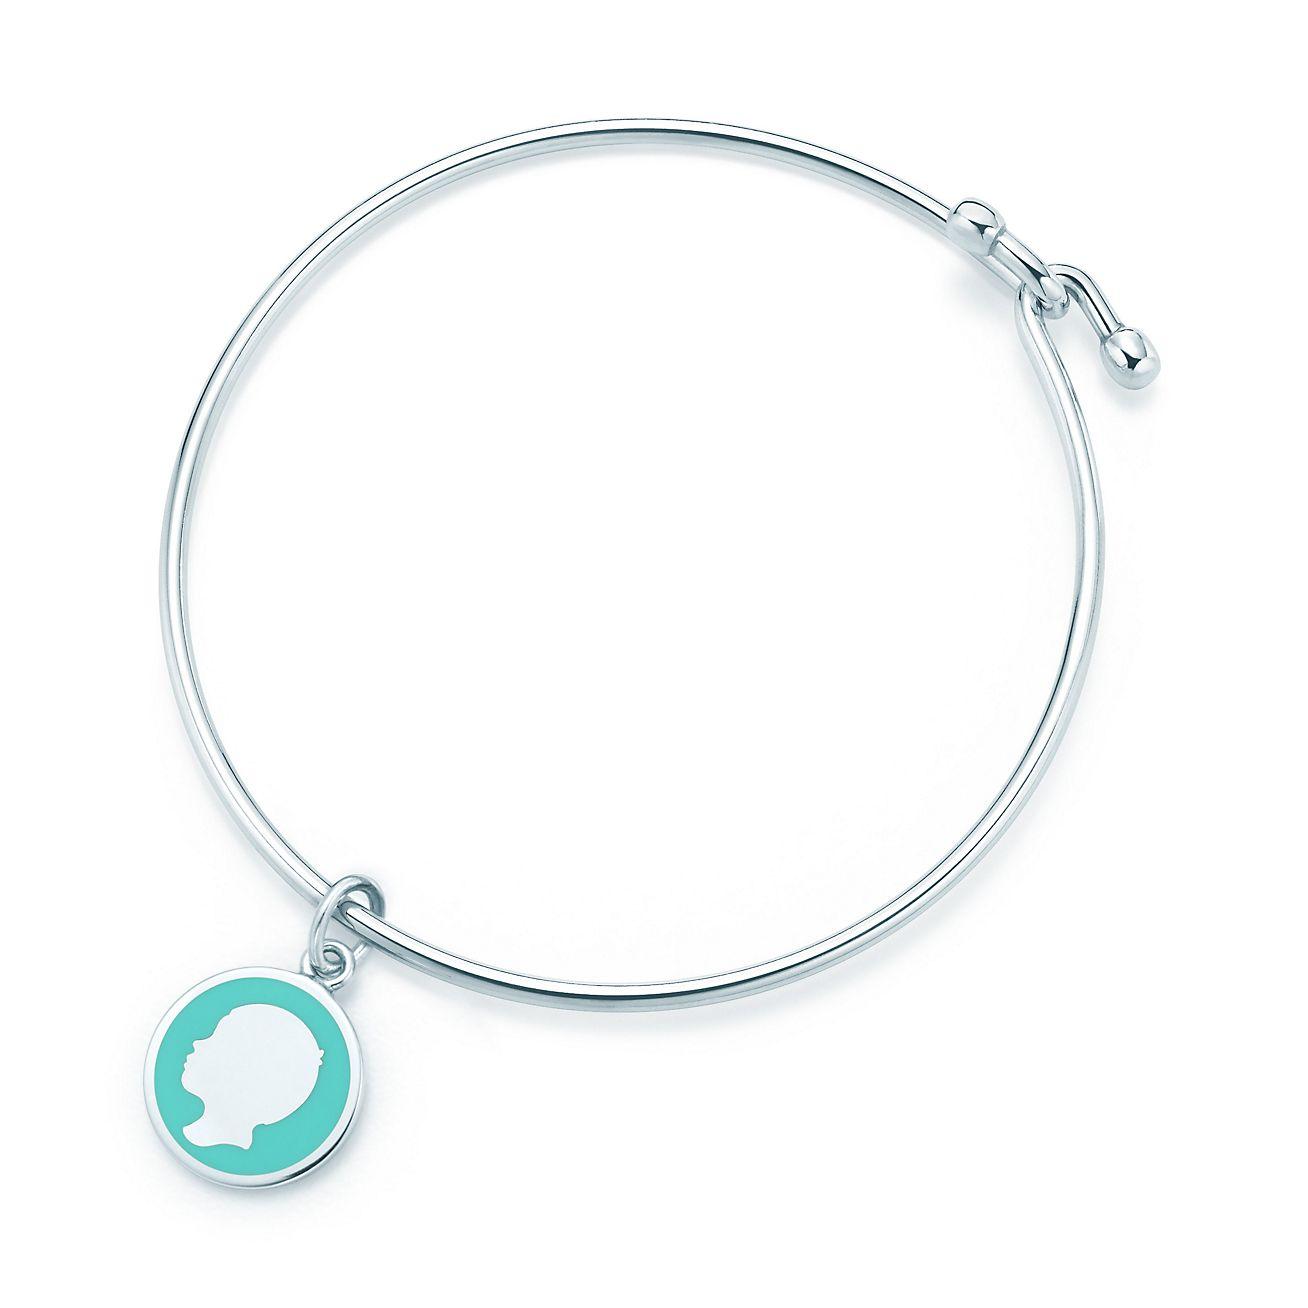 Boy tag charm in sterling silver with Tiffany Blue enamel finish Tiffany & Co.